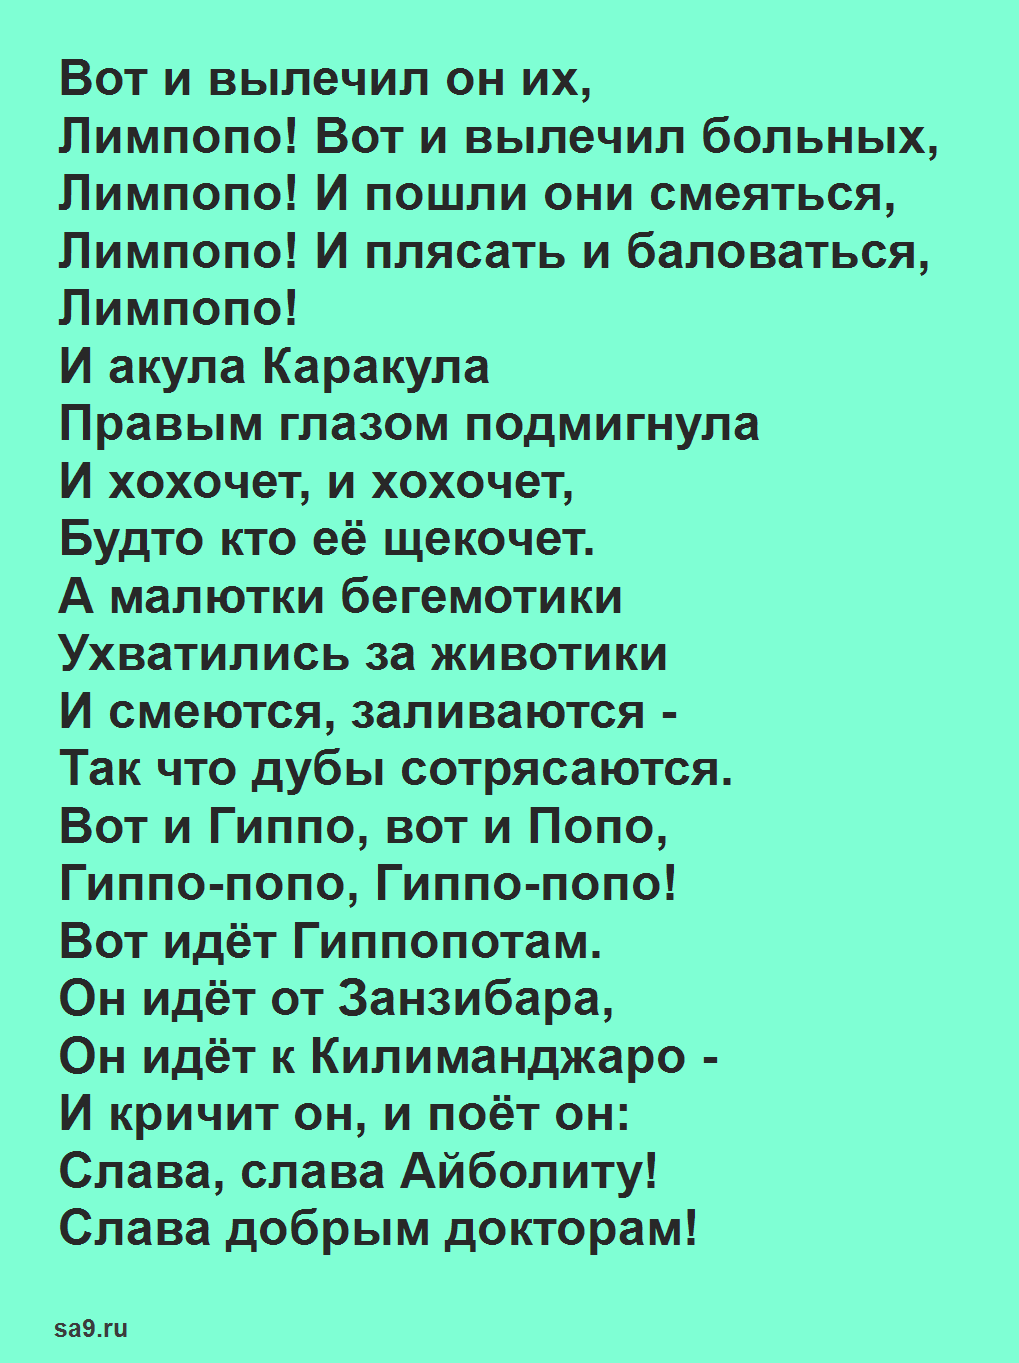 Читать сказку Чуковского для детей 'Айболит'